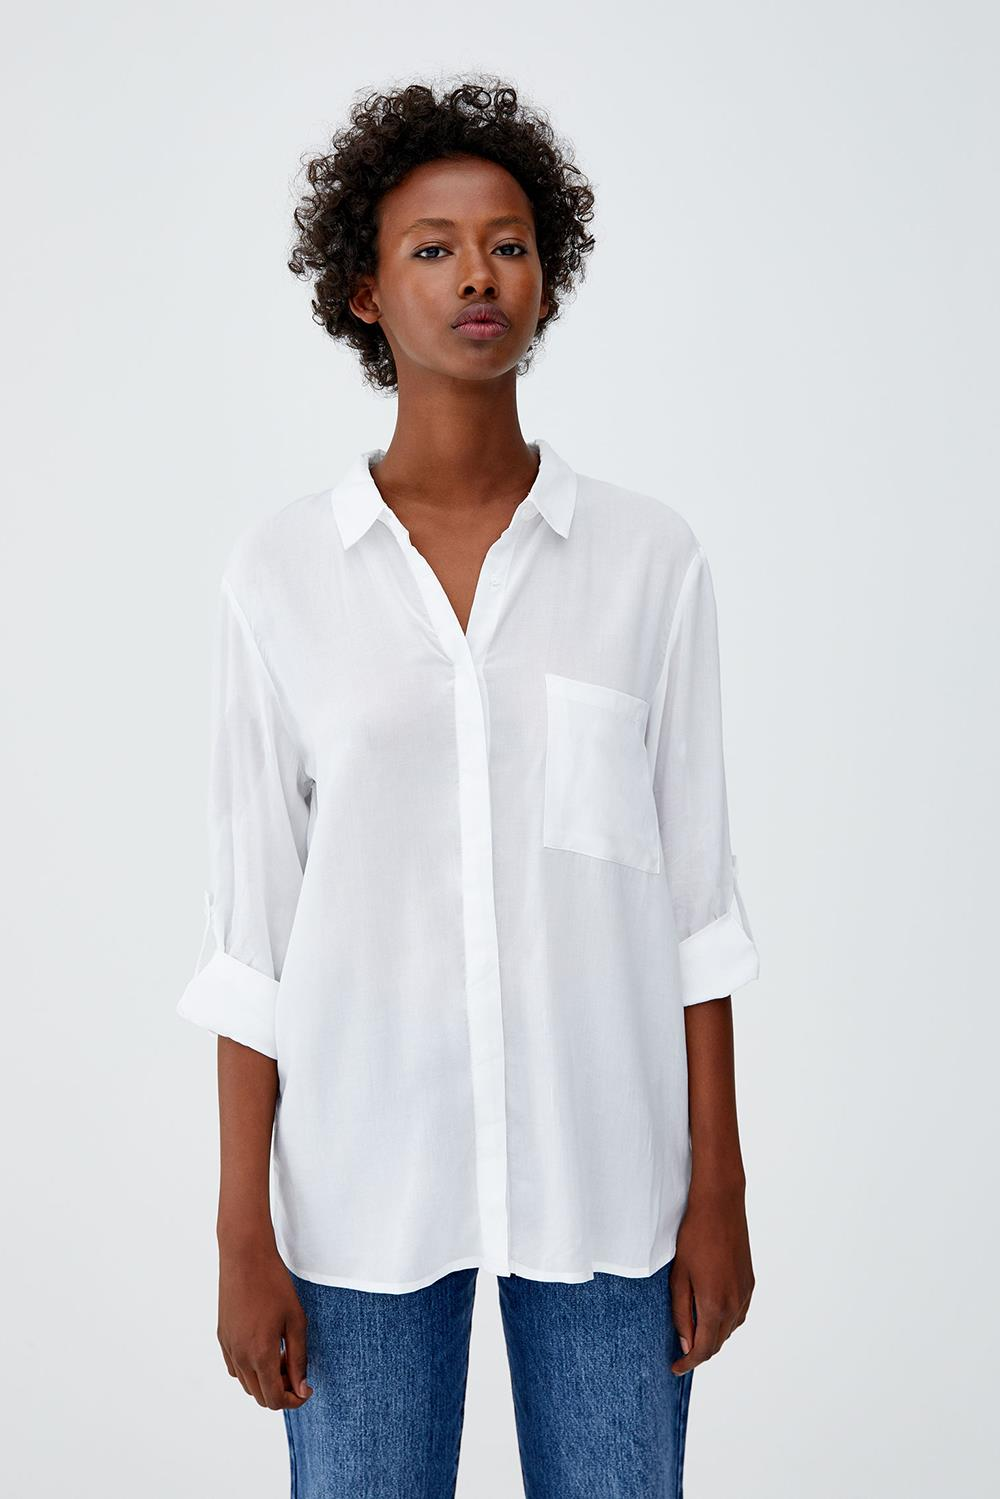 d6afac27a21 Estas son las camisas más bonitas y ponibles de esta temporada. Básicas,  sofisticadas, suaves, con bordados, fáciles de planchar... ¡Tenemos para  todos los ...